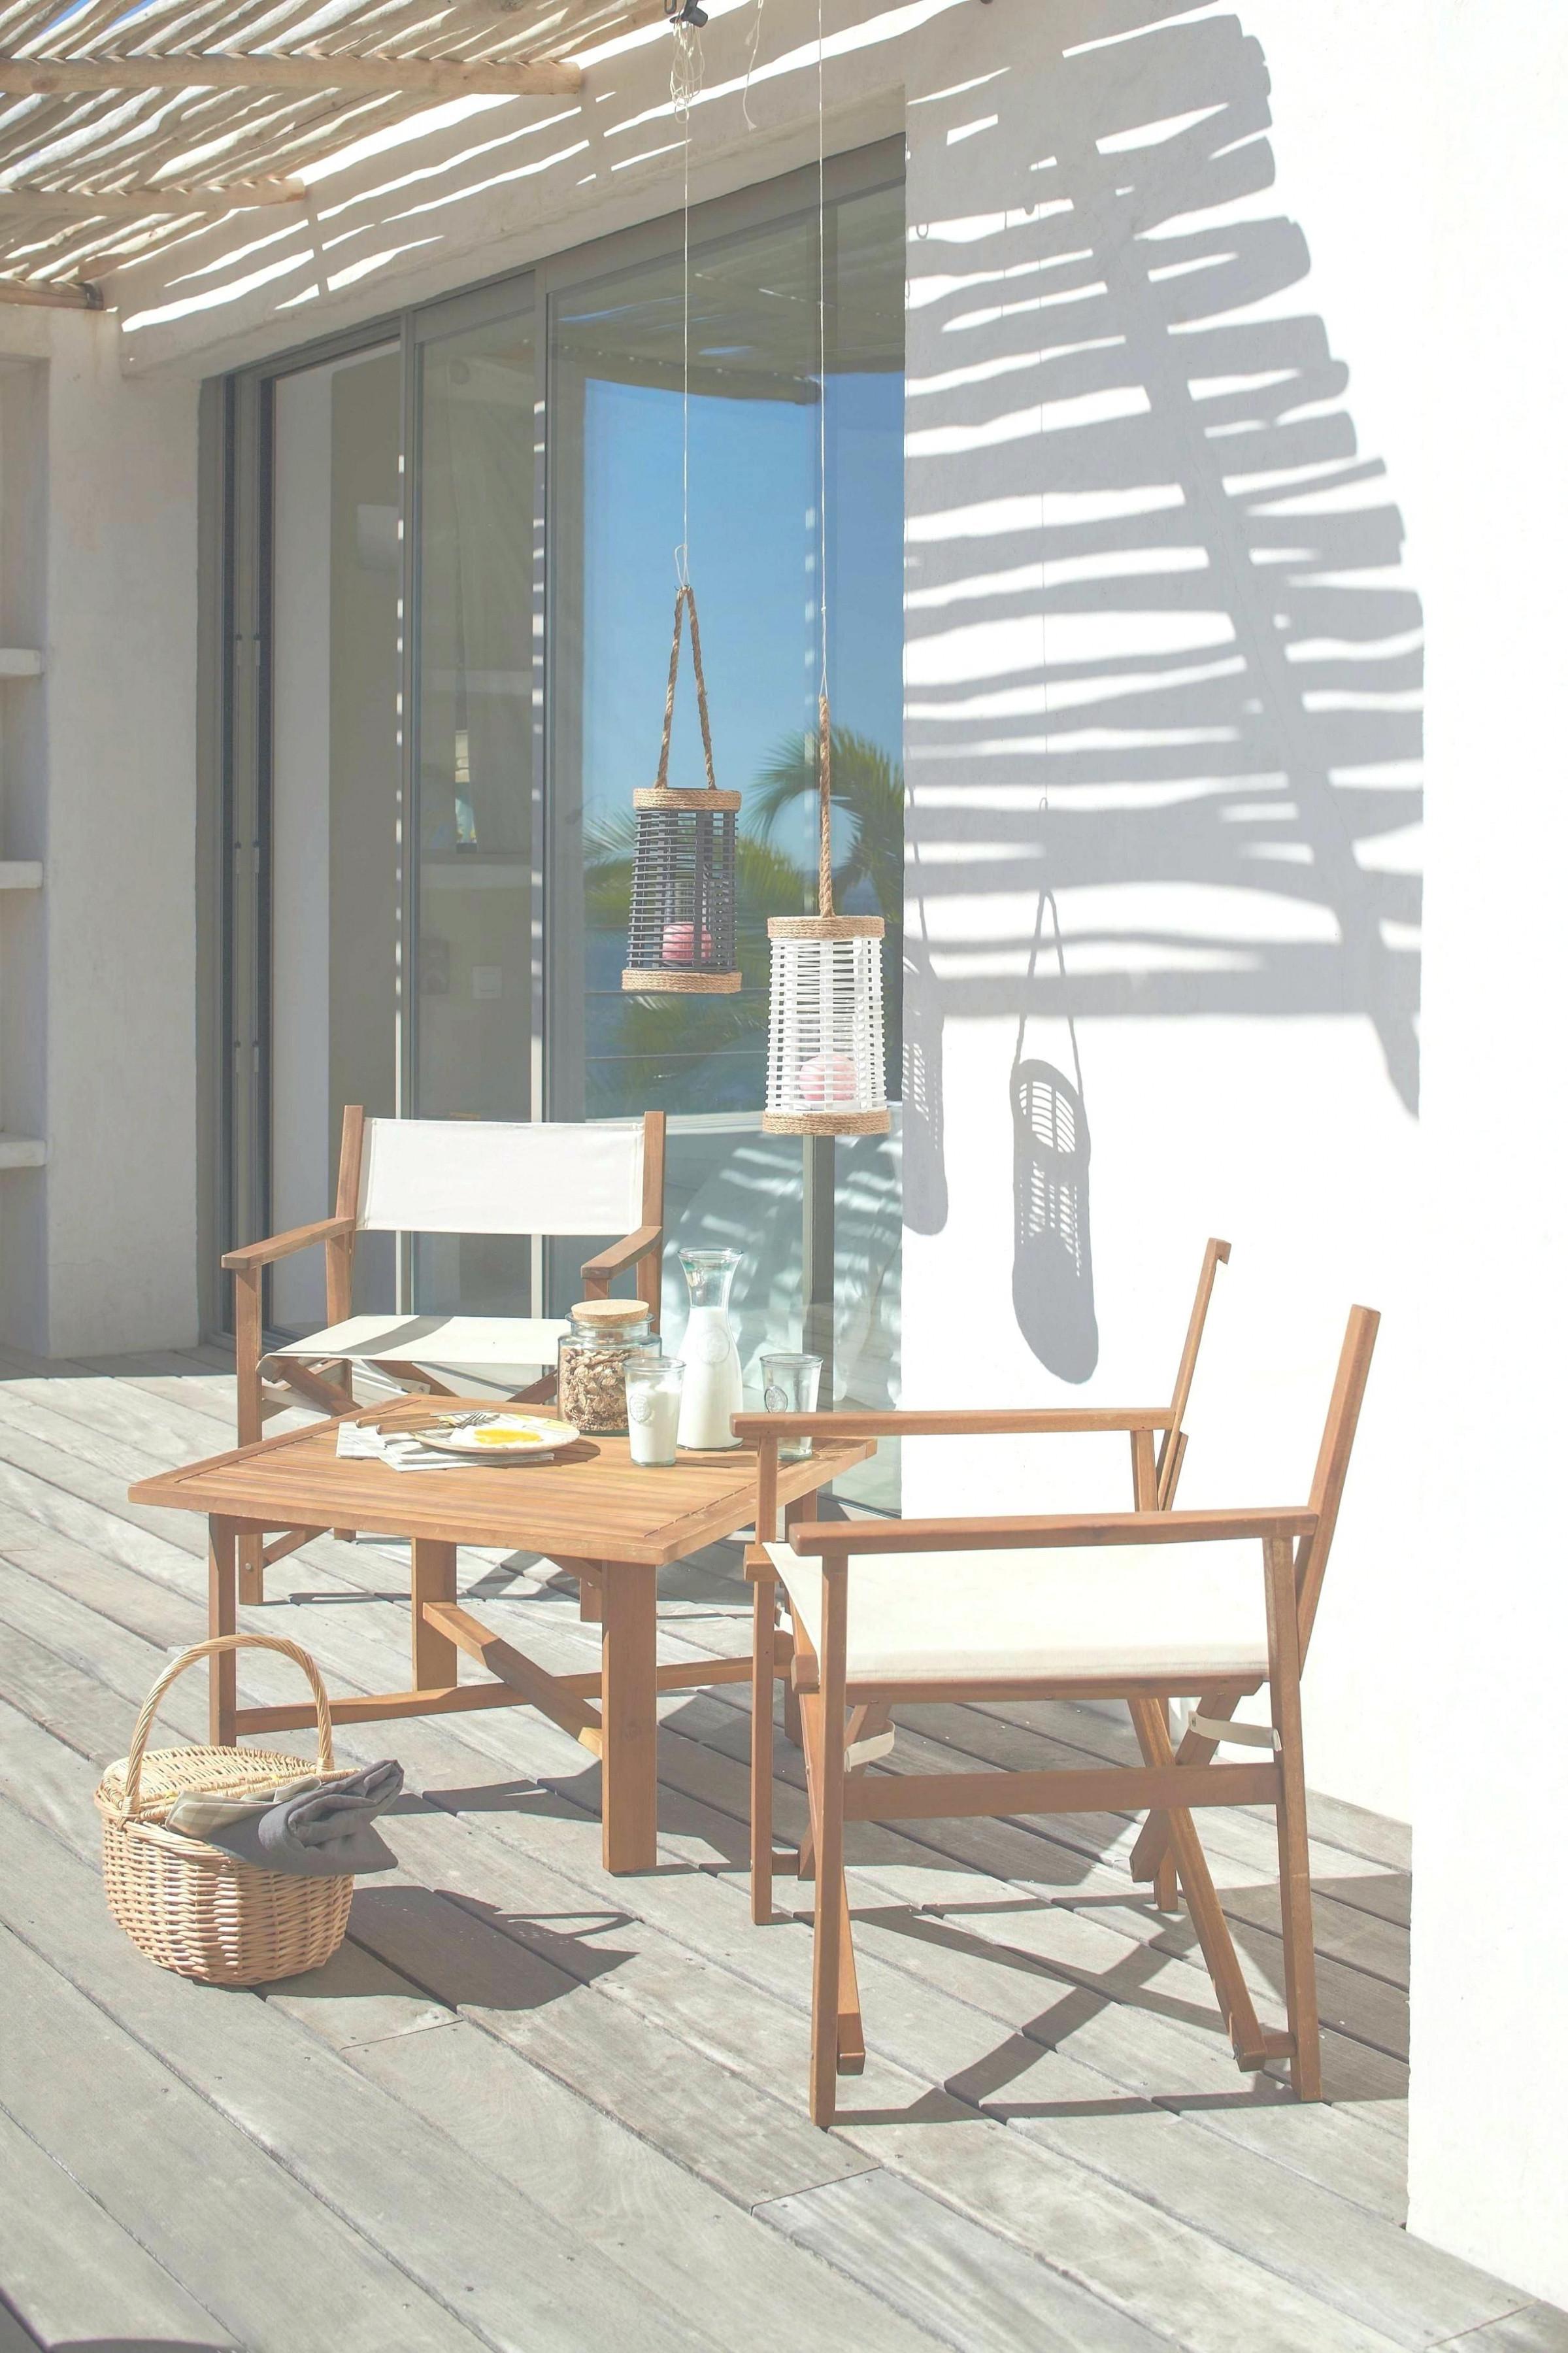 Chaise De Jardin Super U Inspirant Photos Chaise De Jardin Super U Avec étonnant Frais De Table Et Fauteuil De